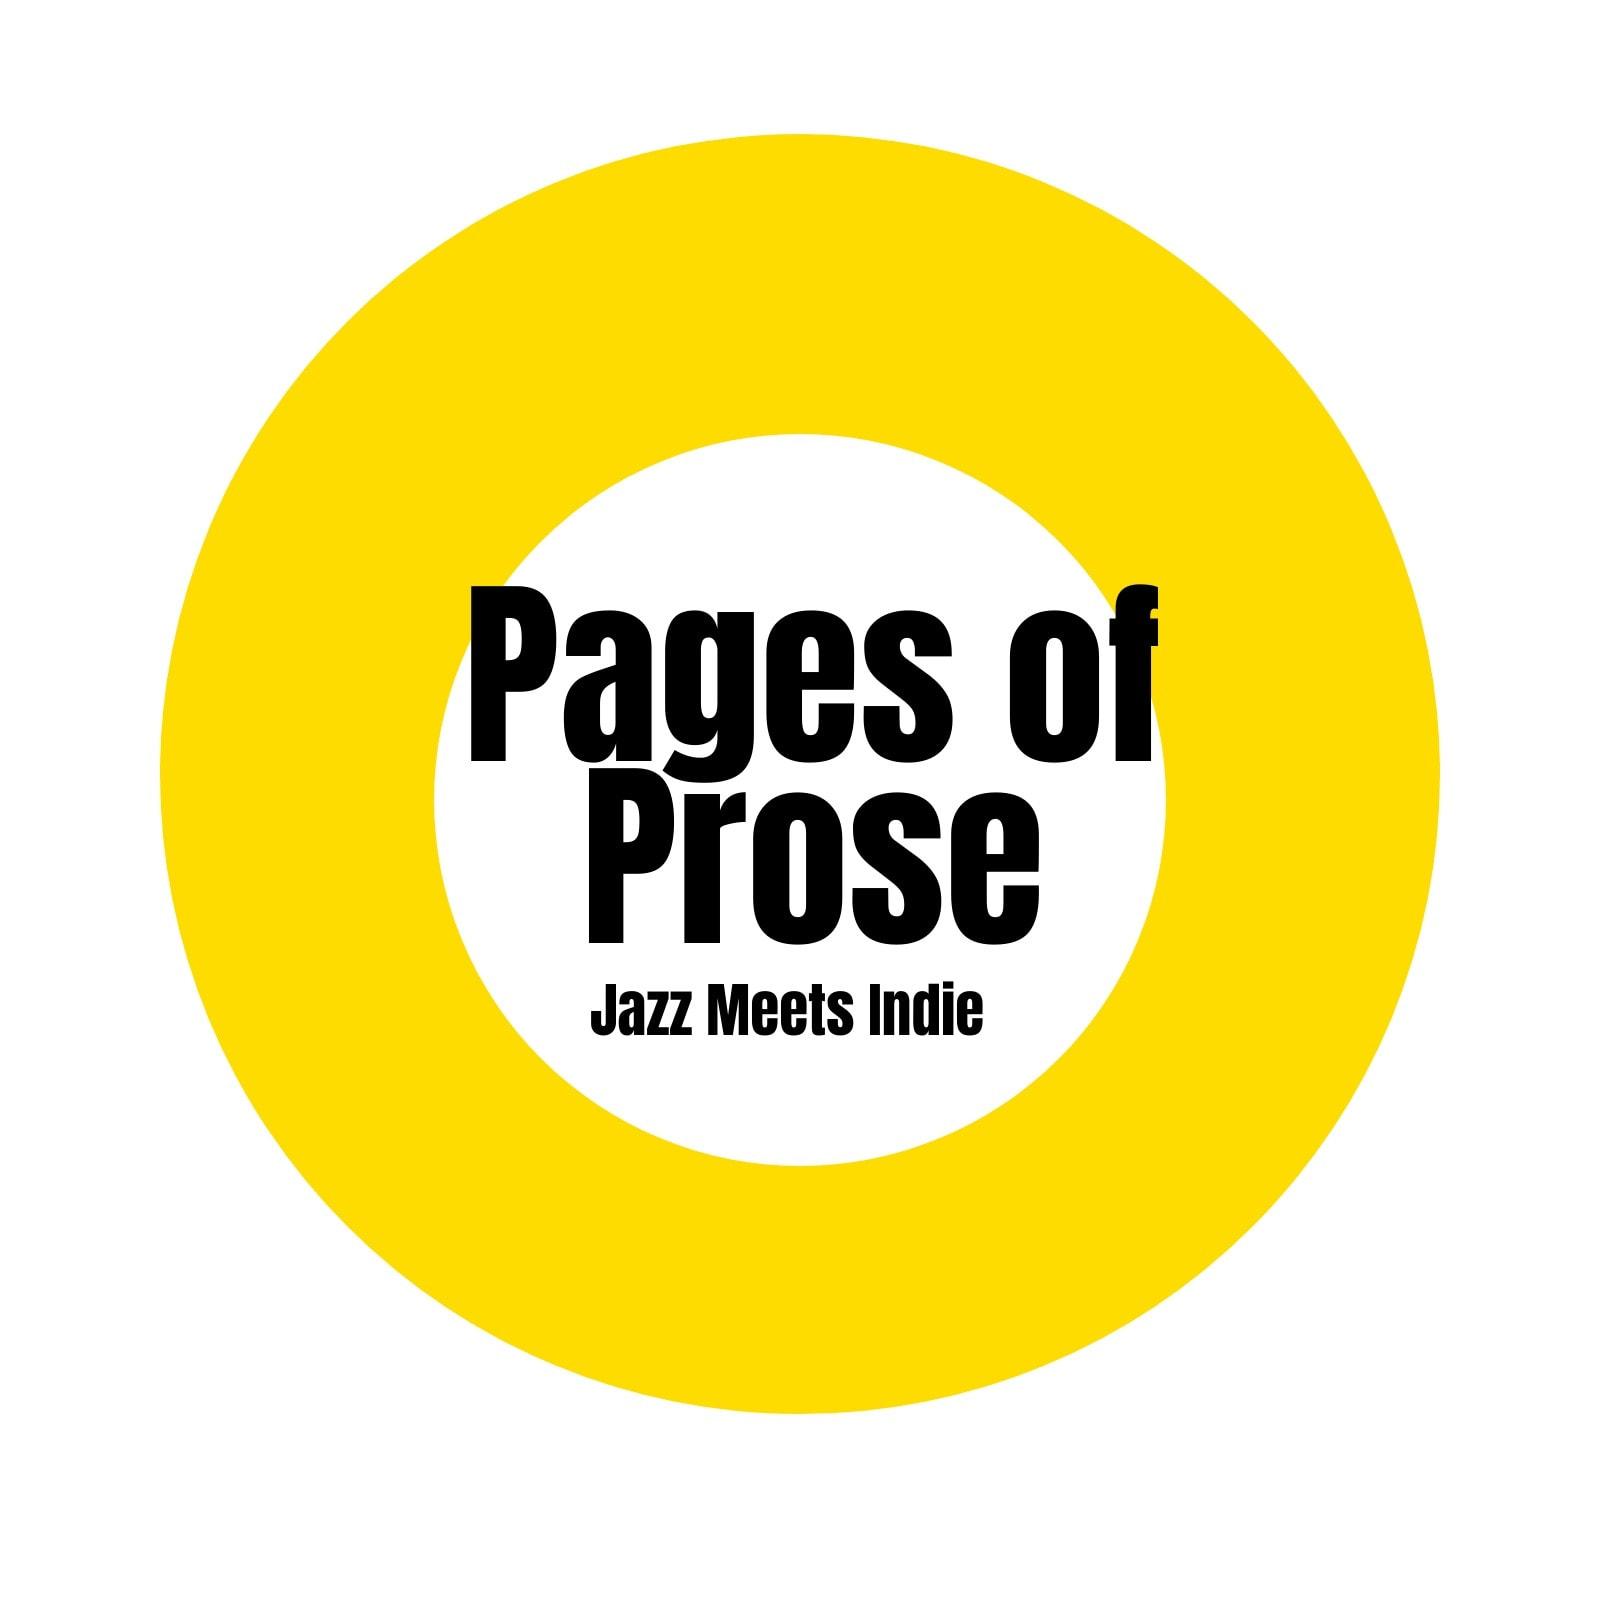 Black and Yellow Circle Band Logo